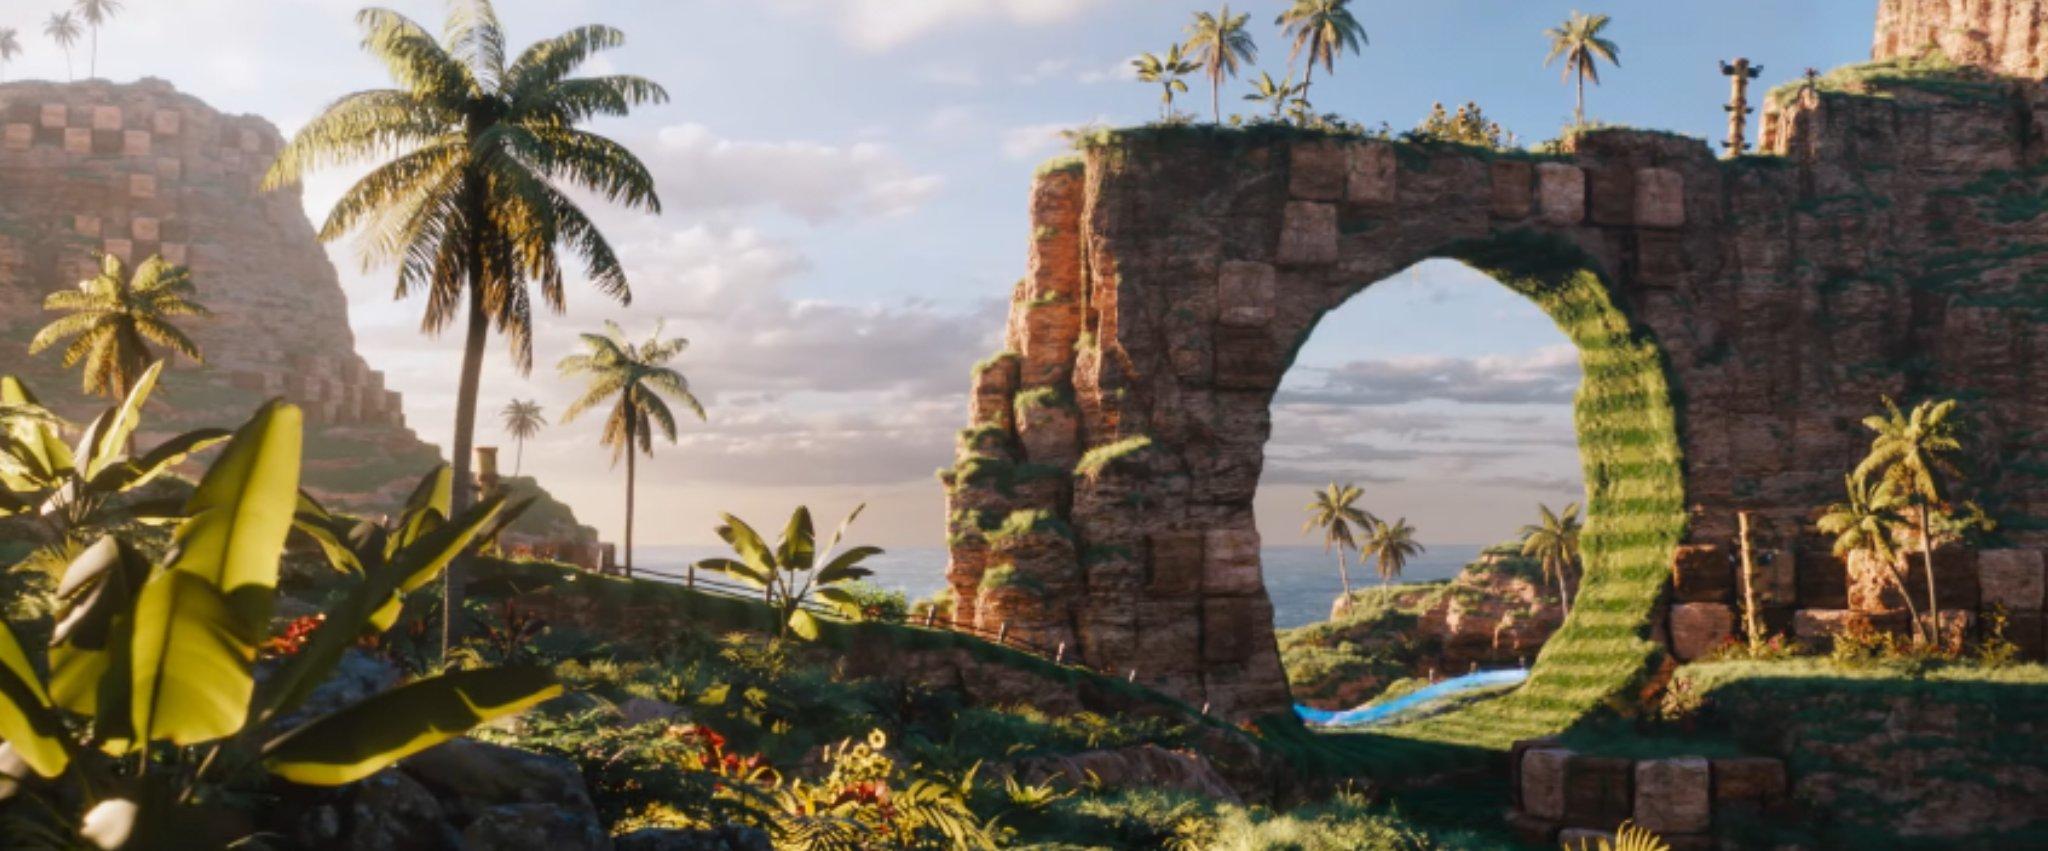 Uno scorcio di Green Hill Zone in Sonic - Il Film